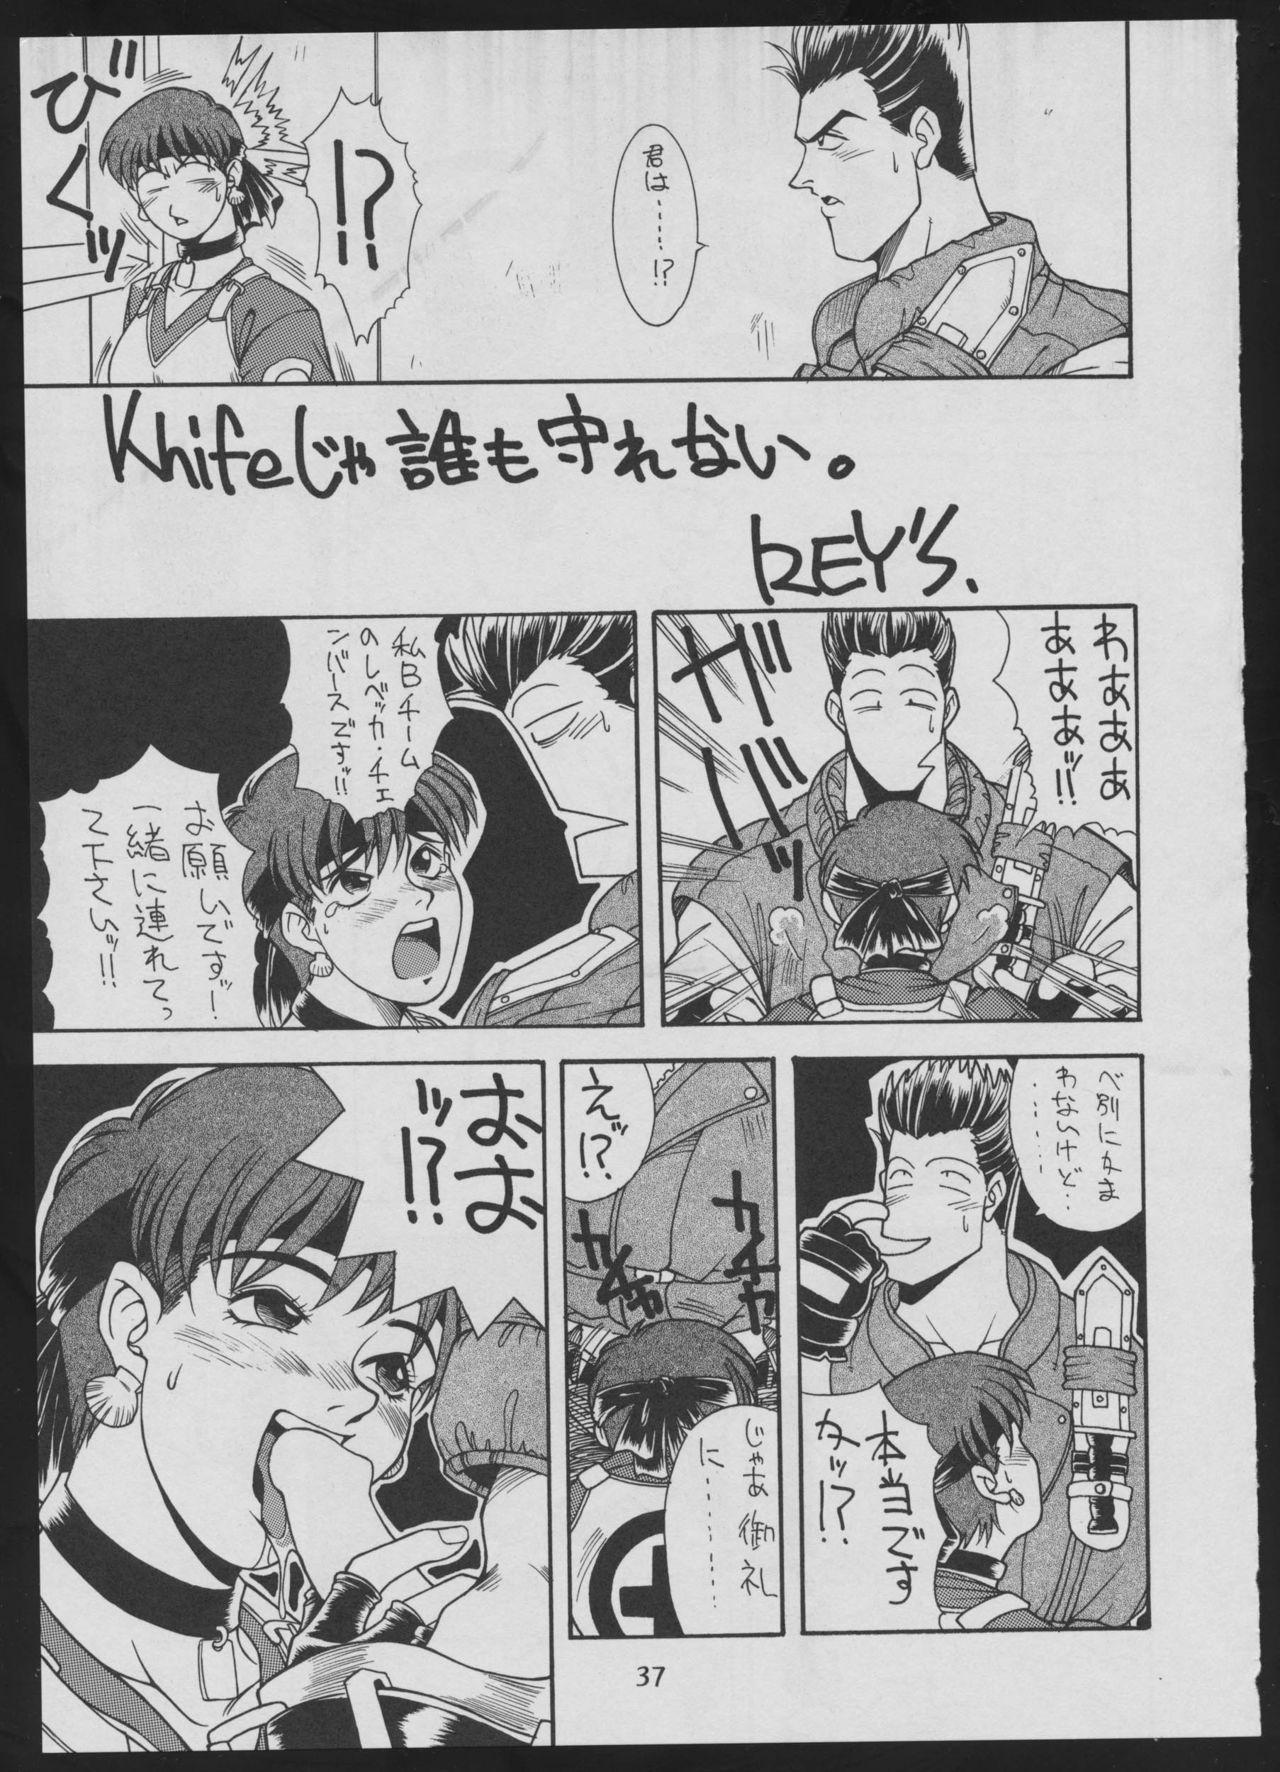 '96 Natsu no Game 18-kin Special 36